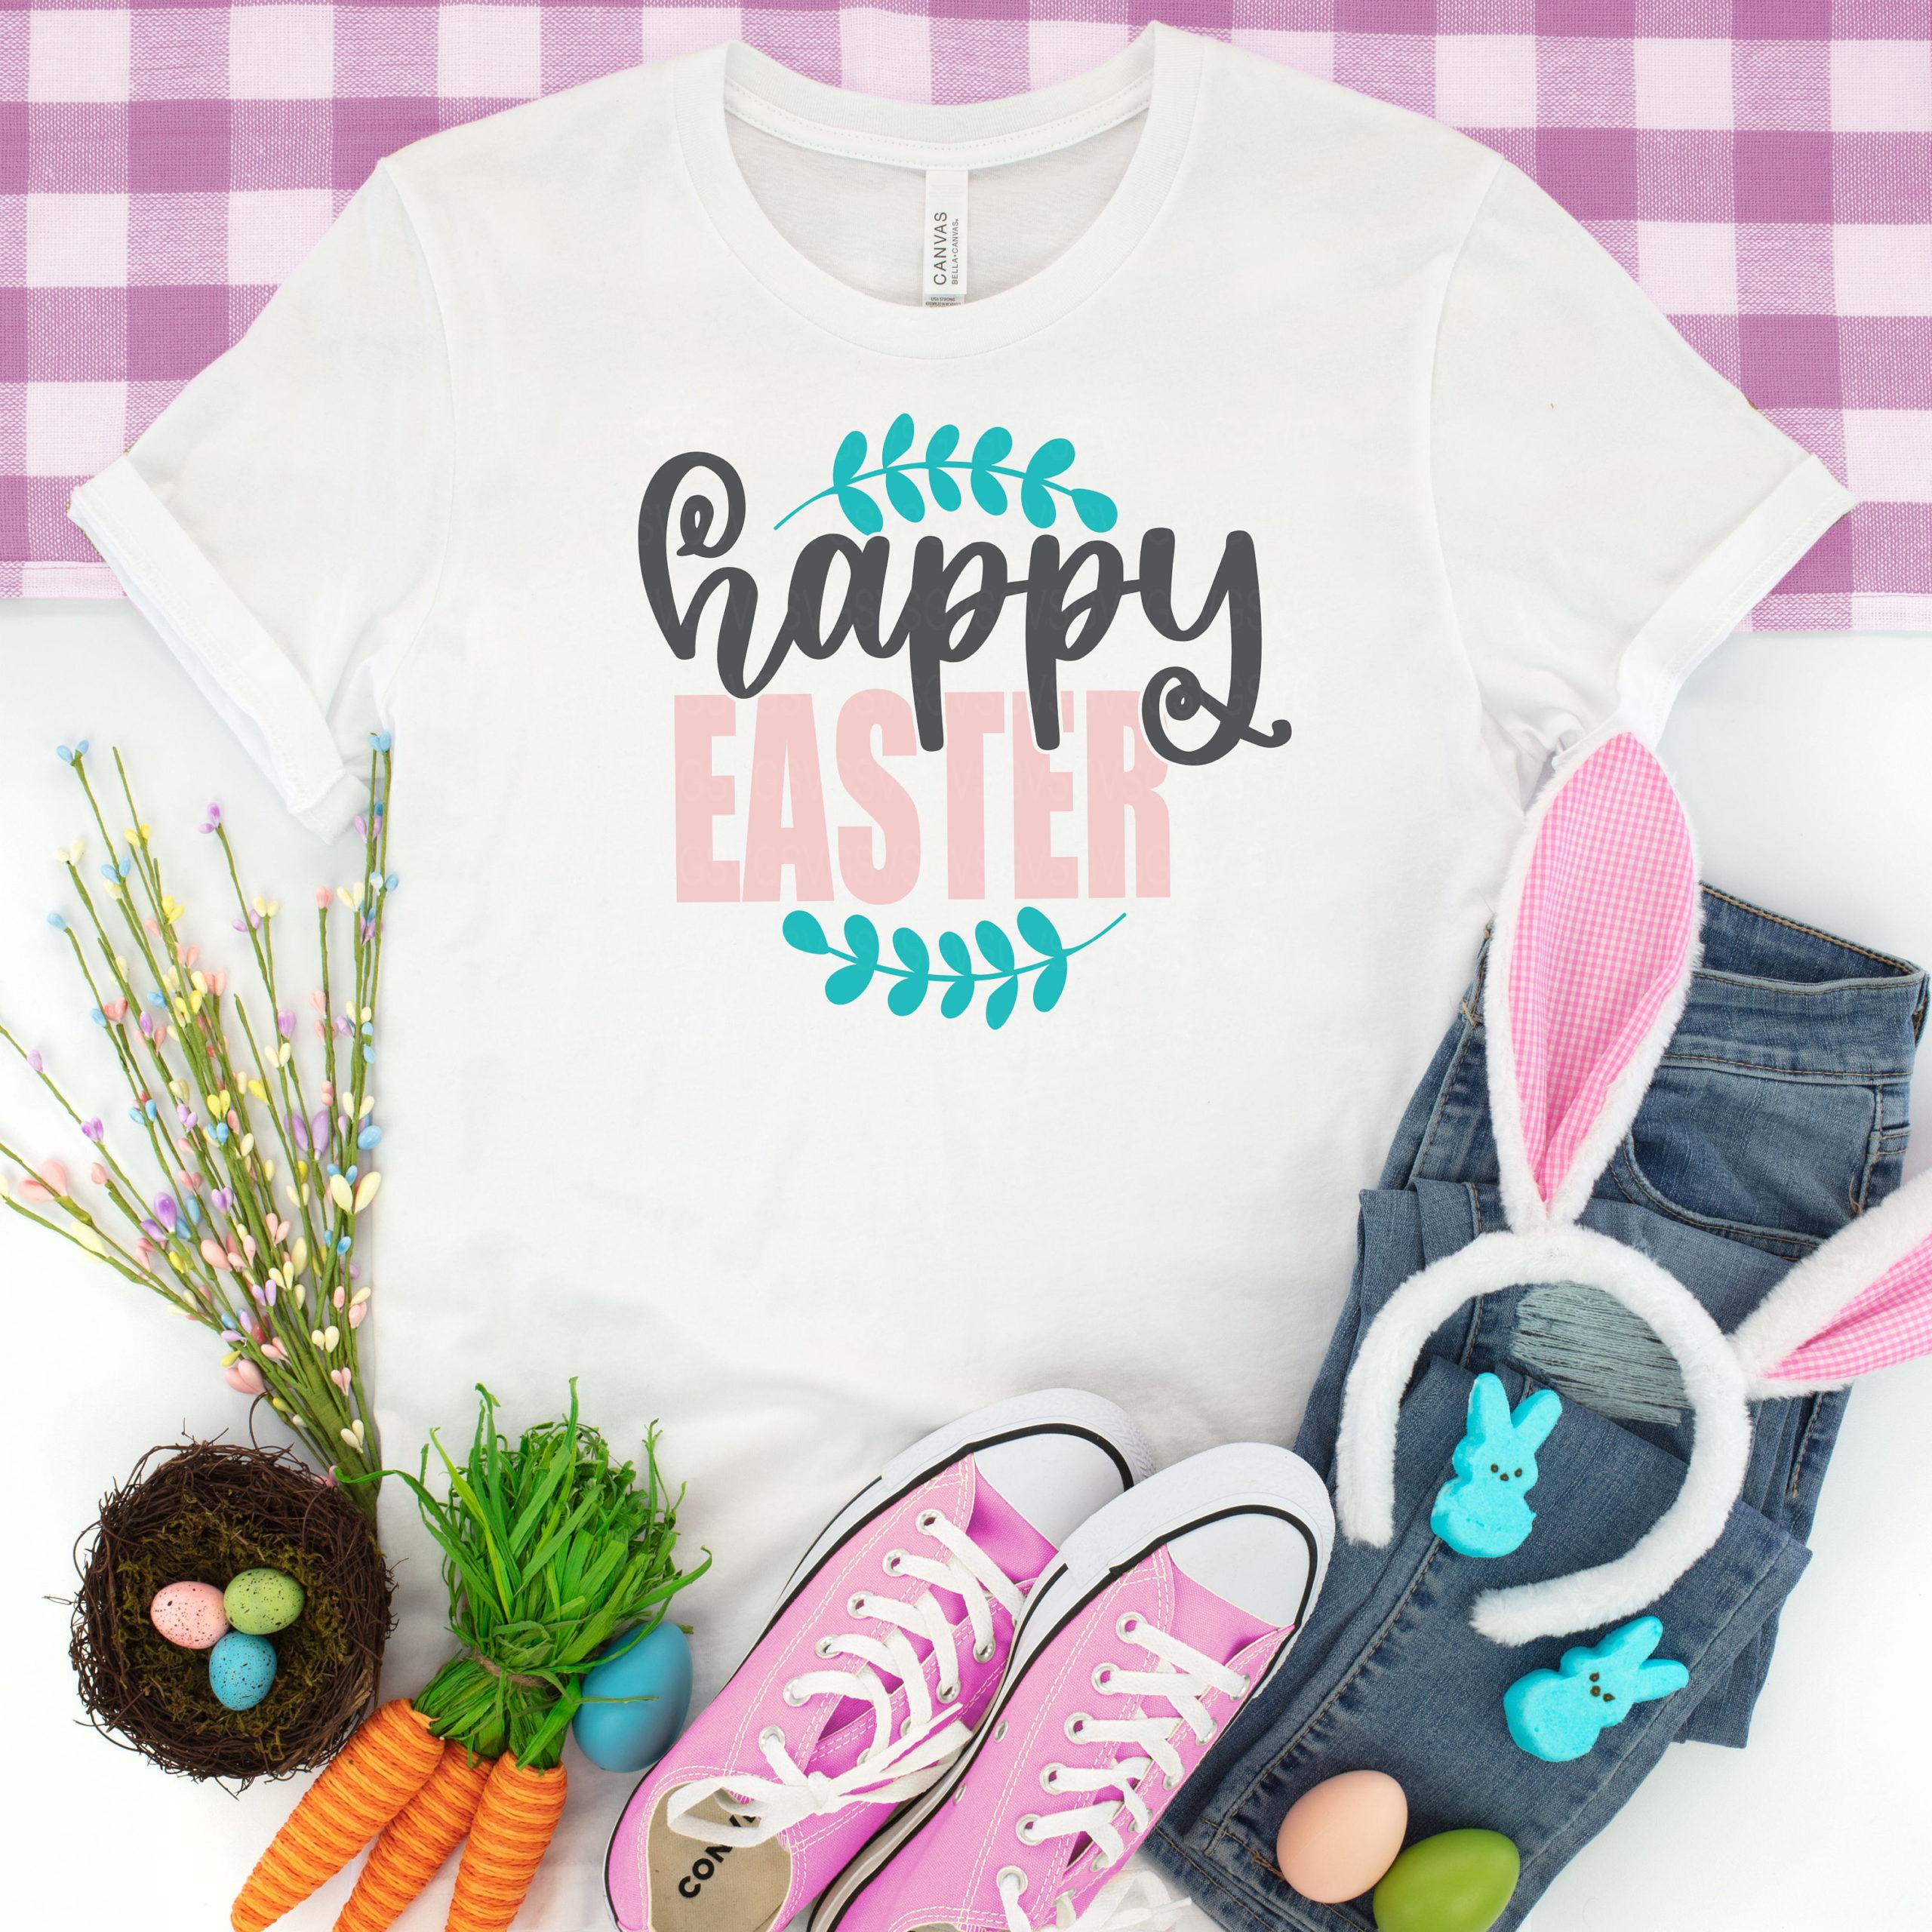 Easter-svg-happy-easter-svg-easter-sign-svg-religious-svg-jesus-svg-easter-svg-design-easter-cut-file-easter-cricut-svg-cricut-svg-605129b4